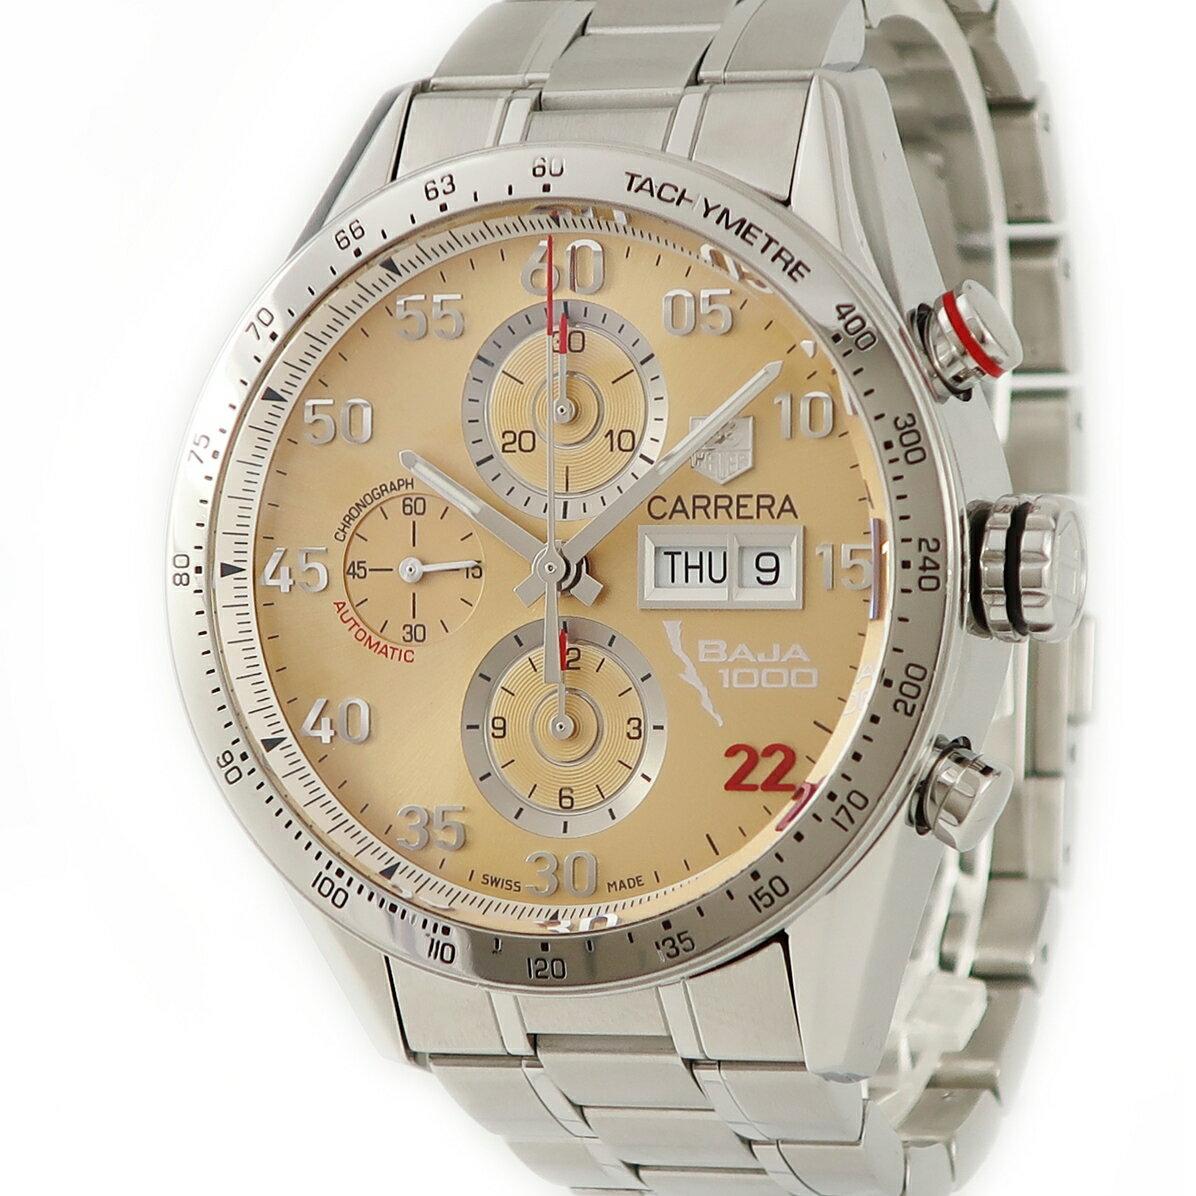 腕時計, メンズ腕時計 5 919 20:00 924 01:59 Tag Heuer 1000 CV2A1H.BA0796